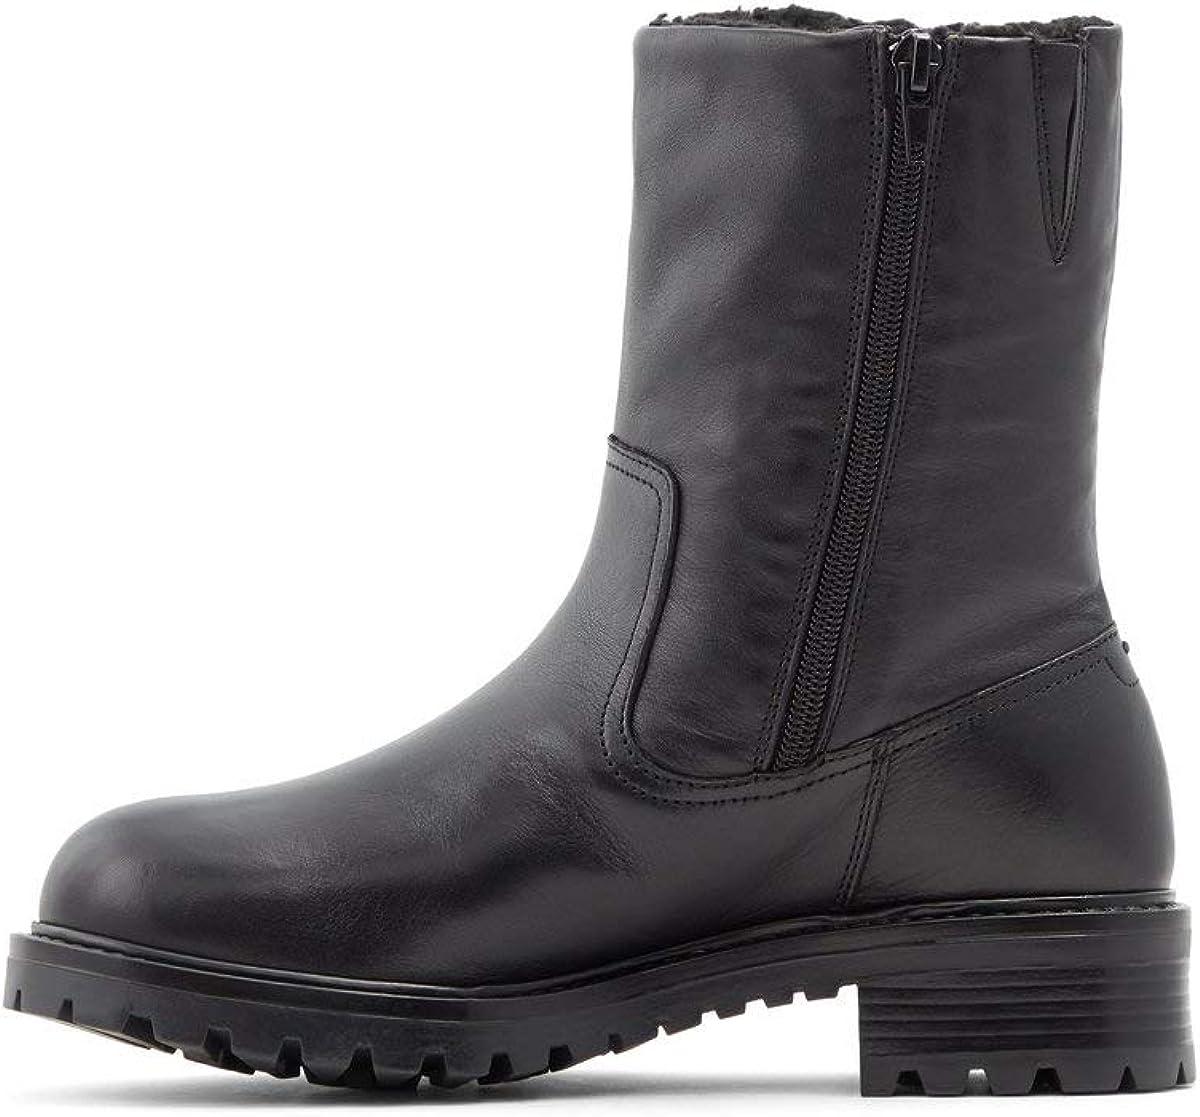 ALDO Women's Yeraveth Warm Winter Boots Waterproof